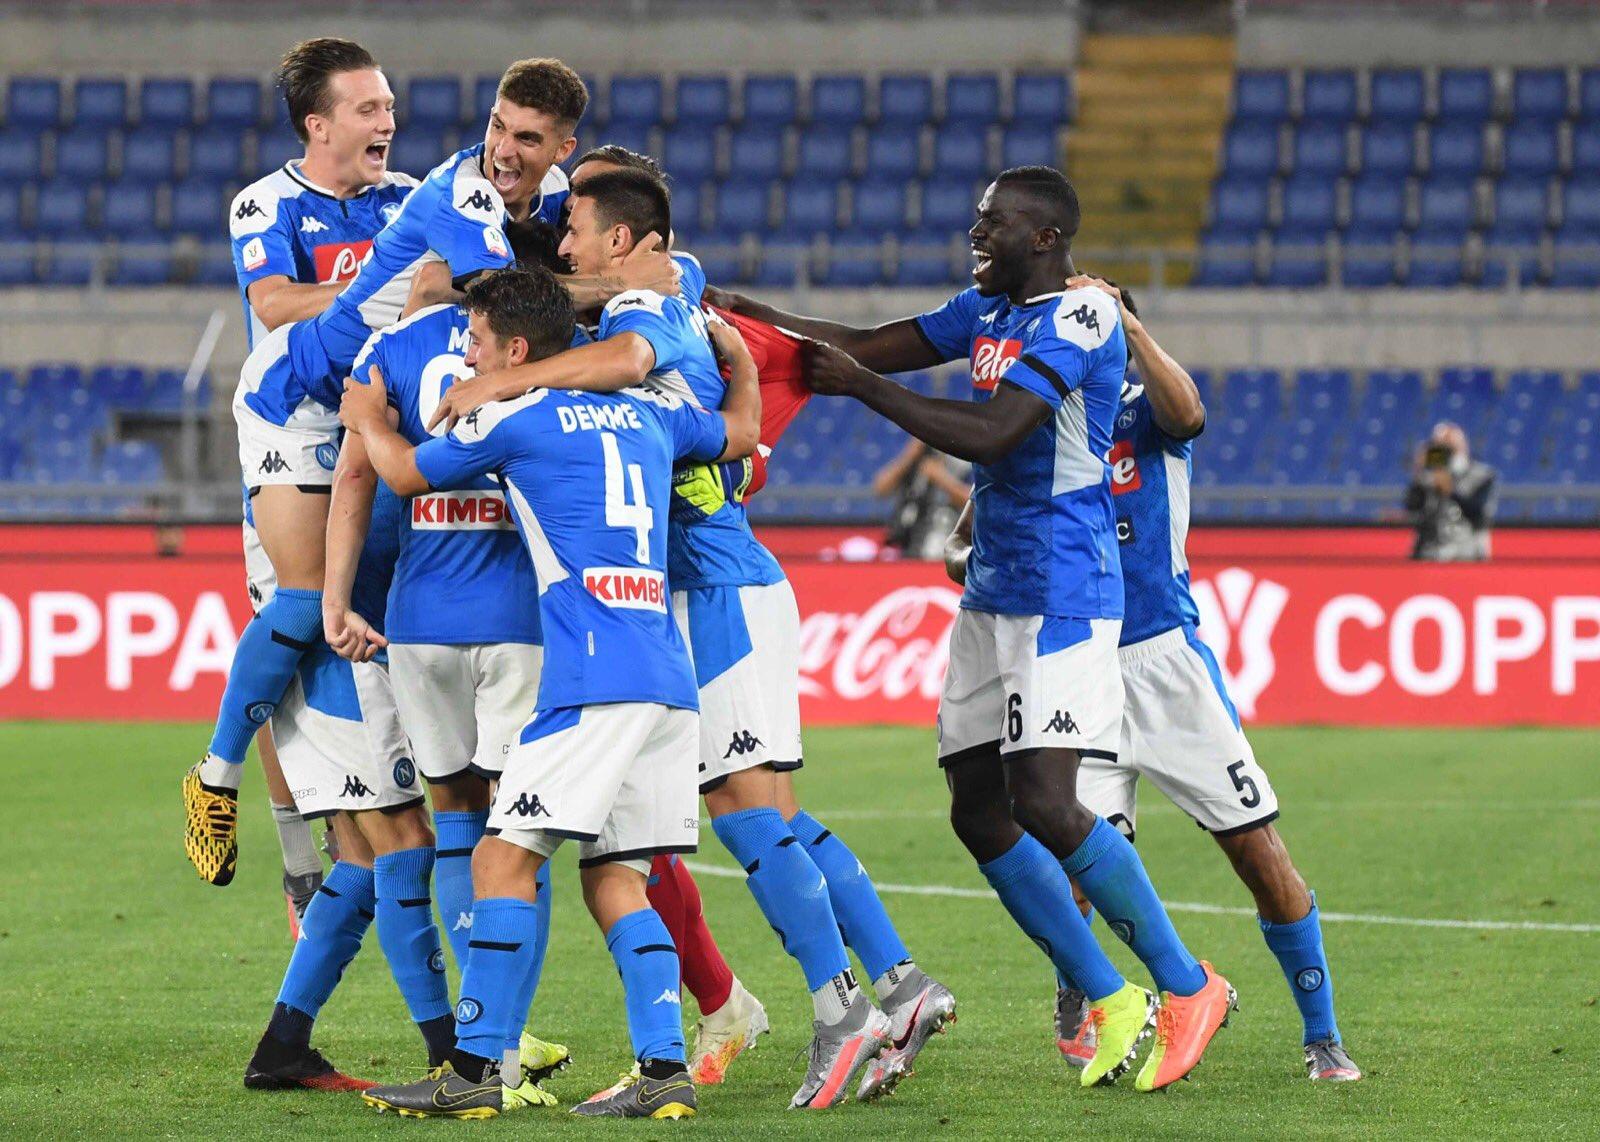 تشكيلة يوفنتوس الاخيرة,نابولي و كروتوني,نابولي و كروتوني 1 -0,ملخص مباراة نابولي و كروتوني 1 -0,تشكيلات الاندية,نابولي,مباراة ميلان اليوم,تشكيلة يوفنتوس 2021,ميلان,اريكسون إلى انتر ميلان,إنتر ميلان,يوفنتوس ضد ليون مباشر,يوفنتوس ضد لاتسيو,رونالدو في يوفنتوس,رونالدو,سفيان امرابط,أخبار رونالدو,كريستيانو رونالدو,الانتقالات الصيفية,رابط مباراة يوفنتوس و ليون,أخبار كرة القدم الأوروبية,الميركاتو,يوتيوب اهداف يوفنتوس وليون,يوفنتوس وليون,يوفنتوس وميلان,يوفنتوس وليون 2-1,انتقالات برشلونة